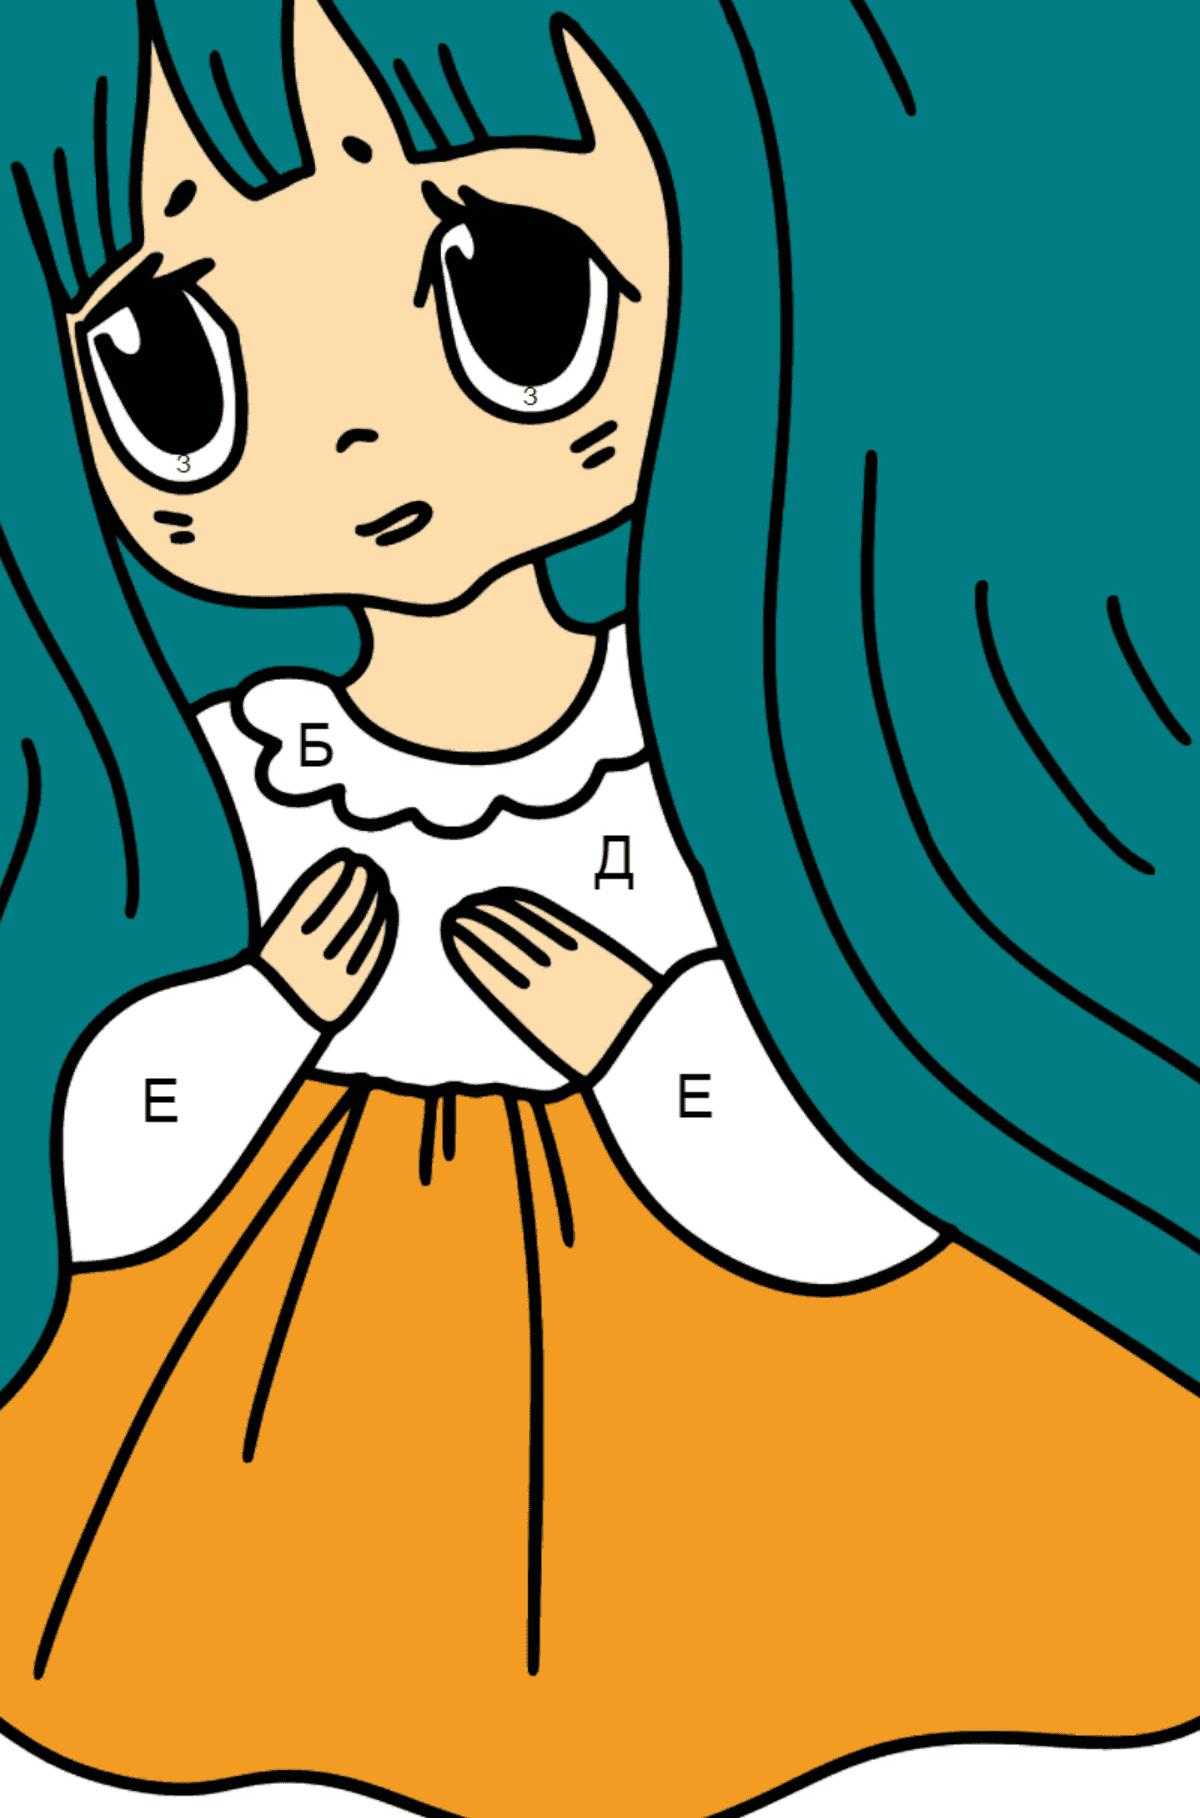 Раскраска Аниме Печальная Девушка - Раскраска по Буквам для Детей